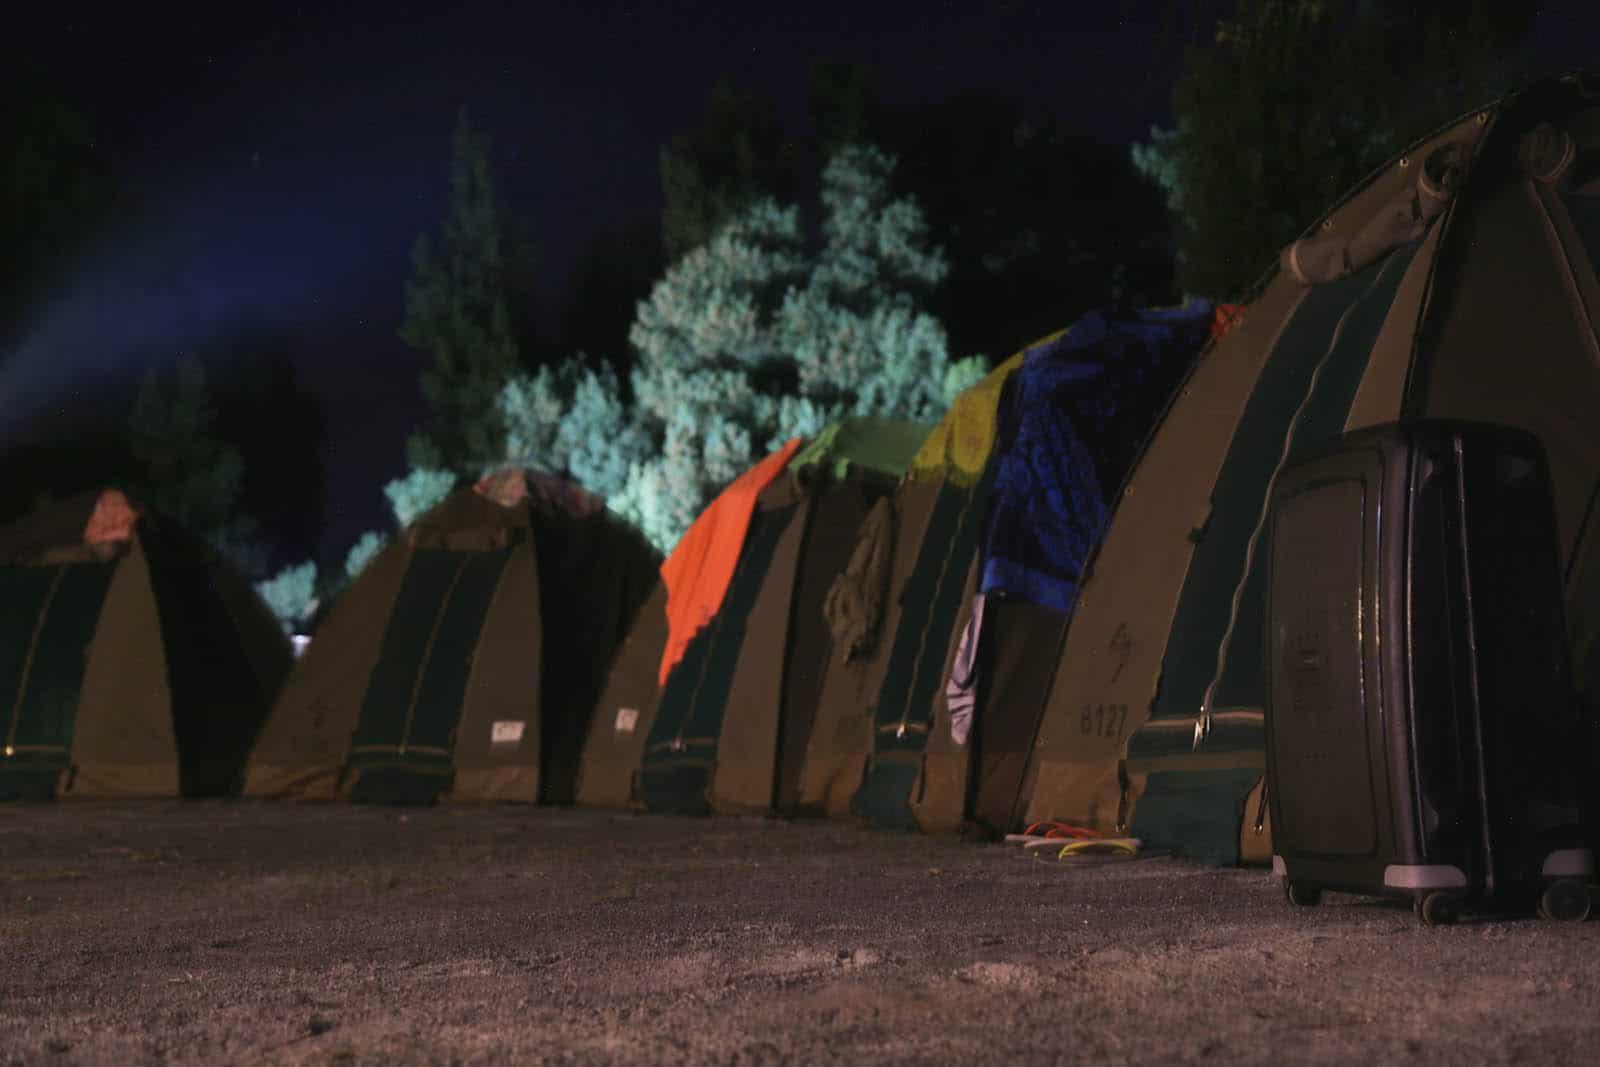 Camping At Night 2